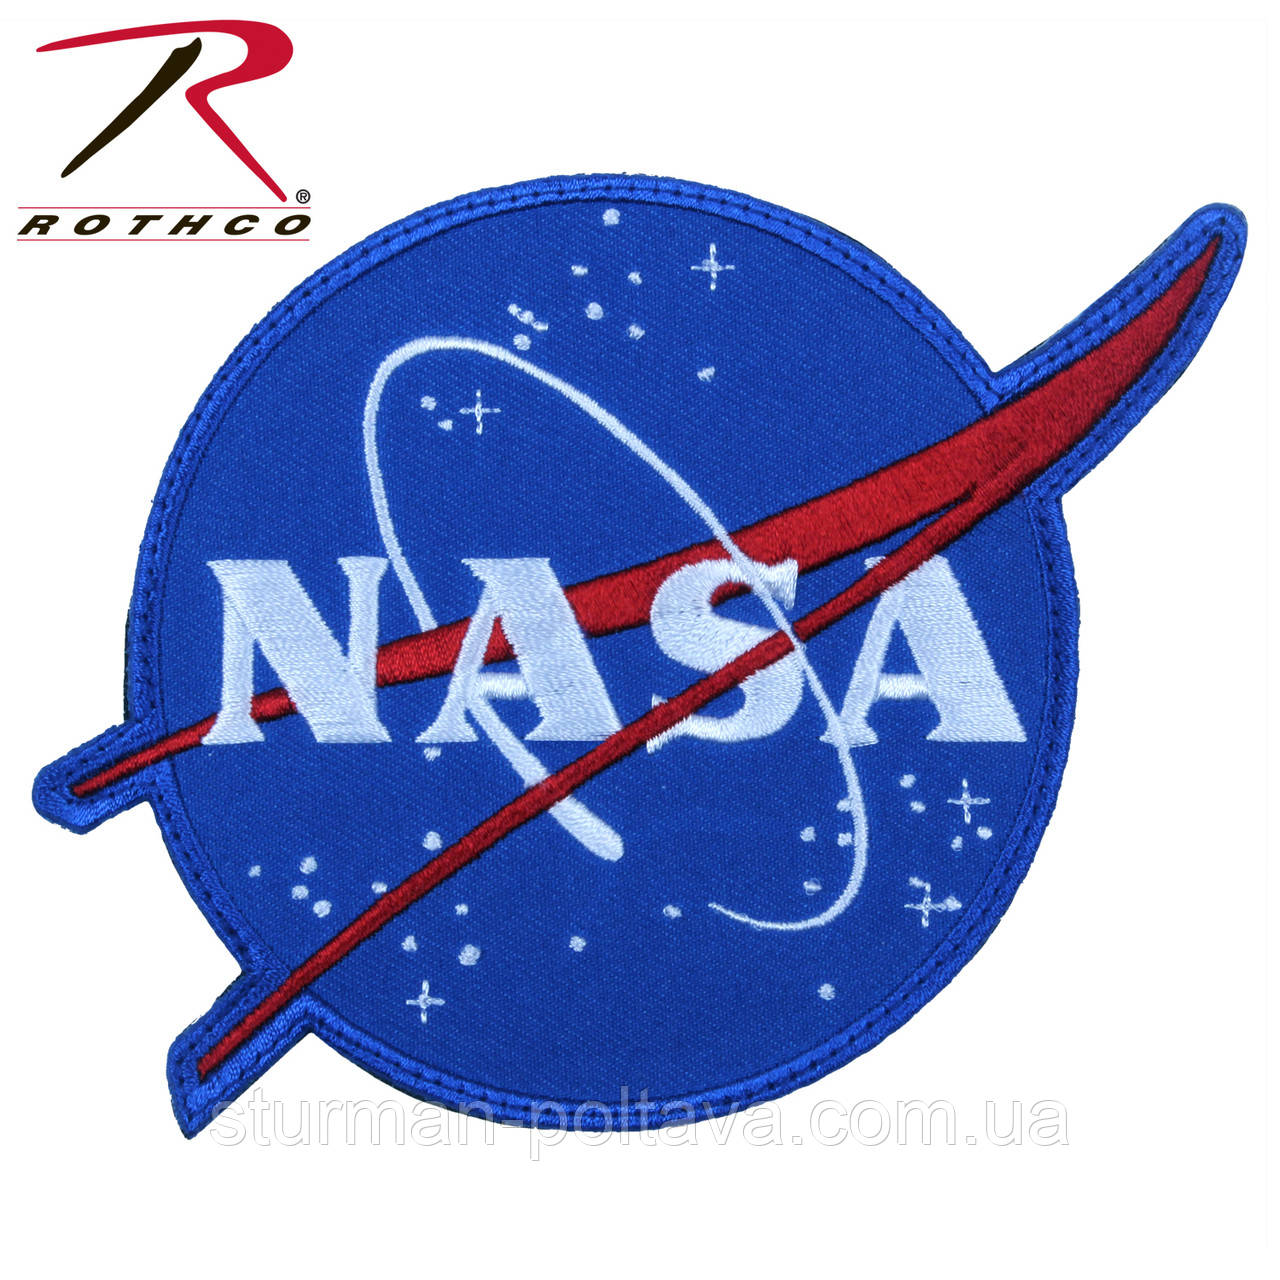 official nasa logo - 800×800